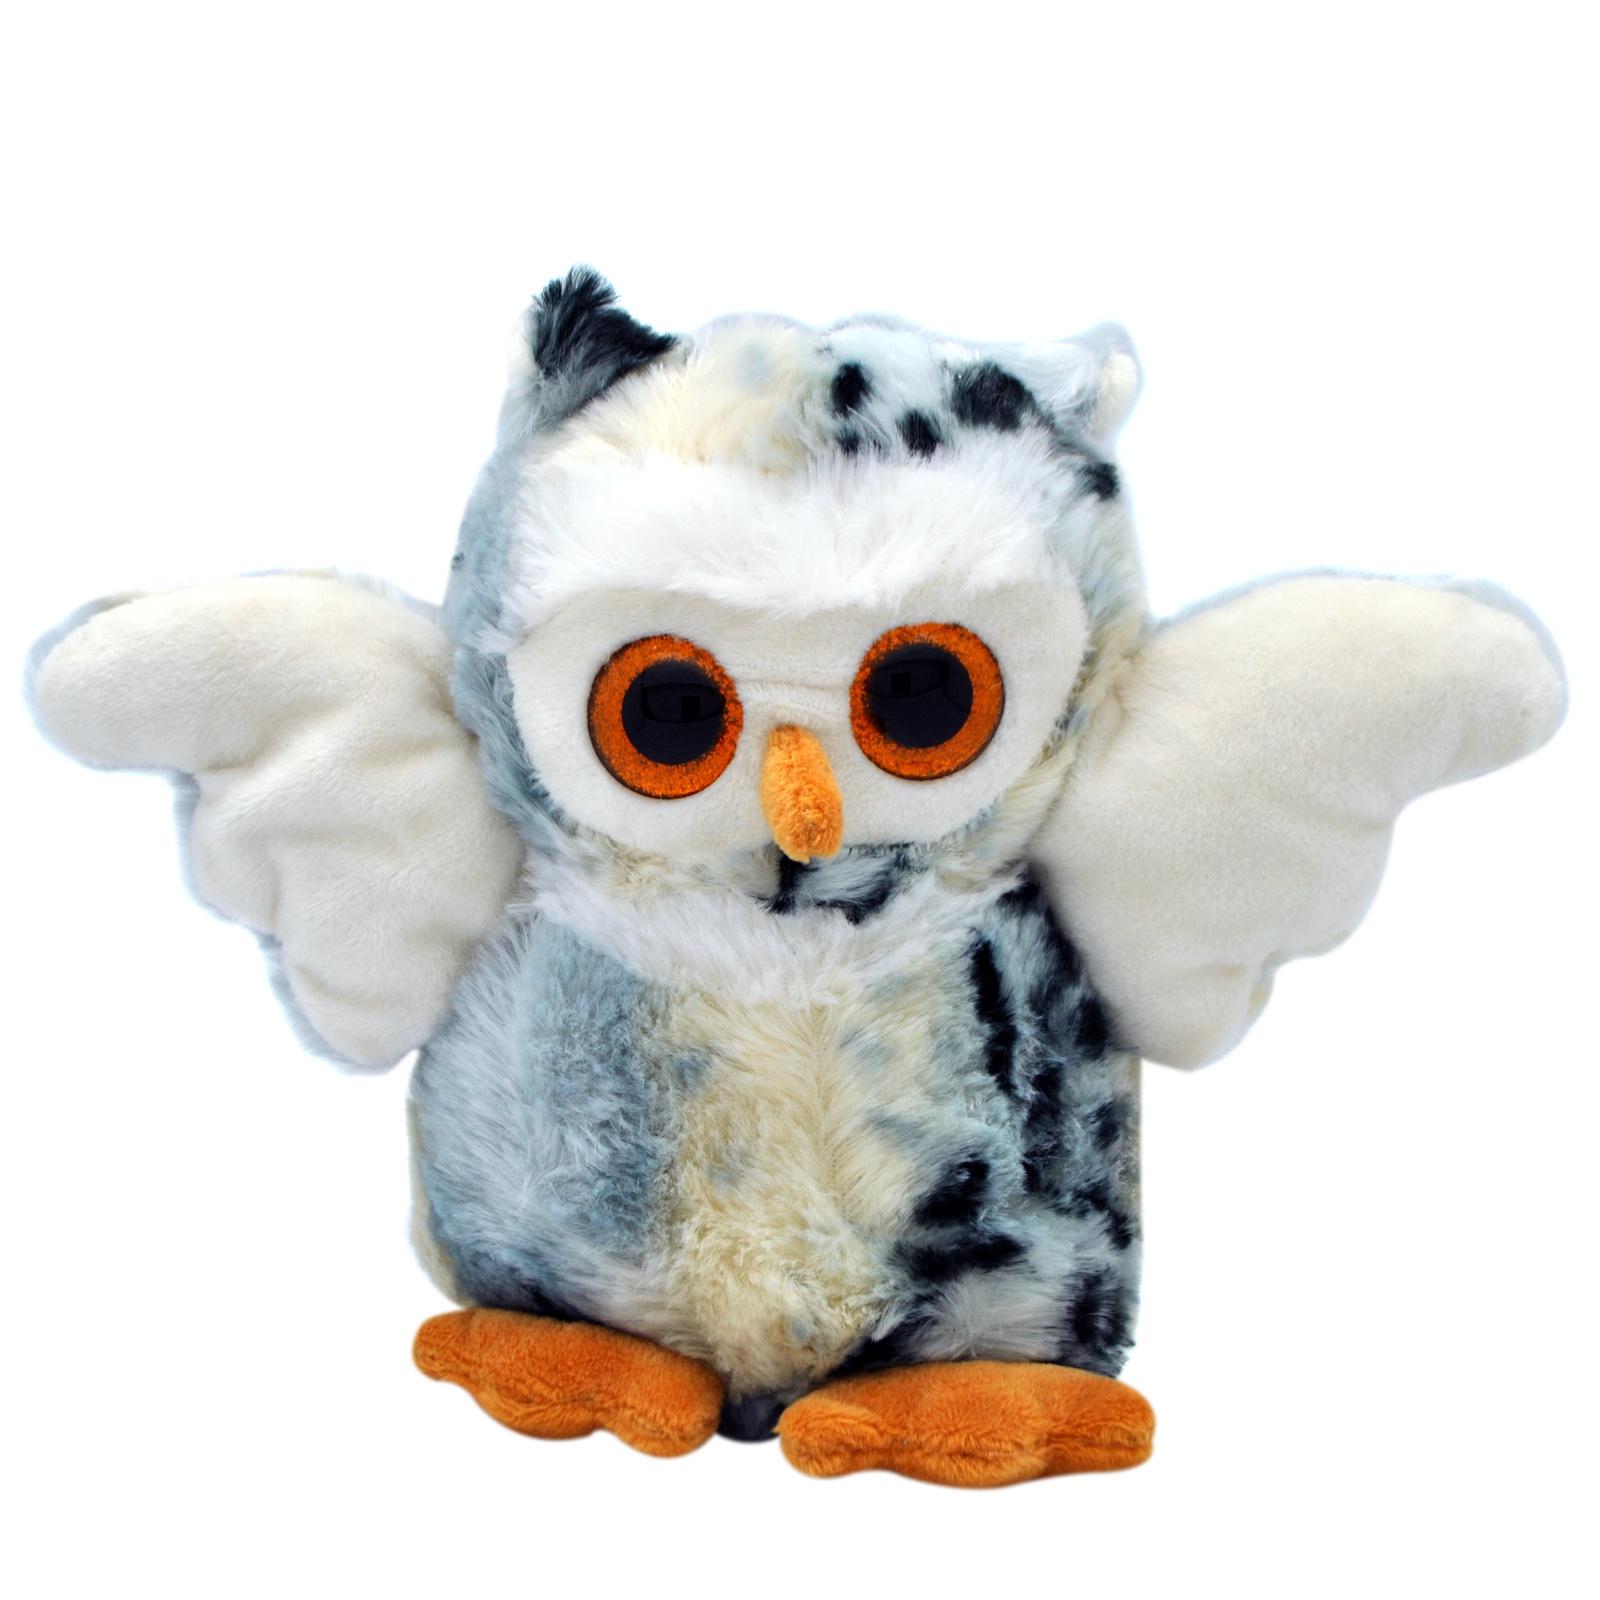 Мягкая игрушка АБВГДЕЙКА Сова светло-серый мягкая игрушка развивающая k s kids часы сова